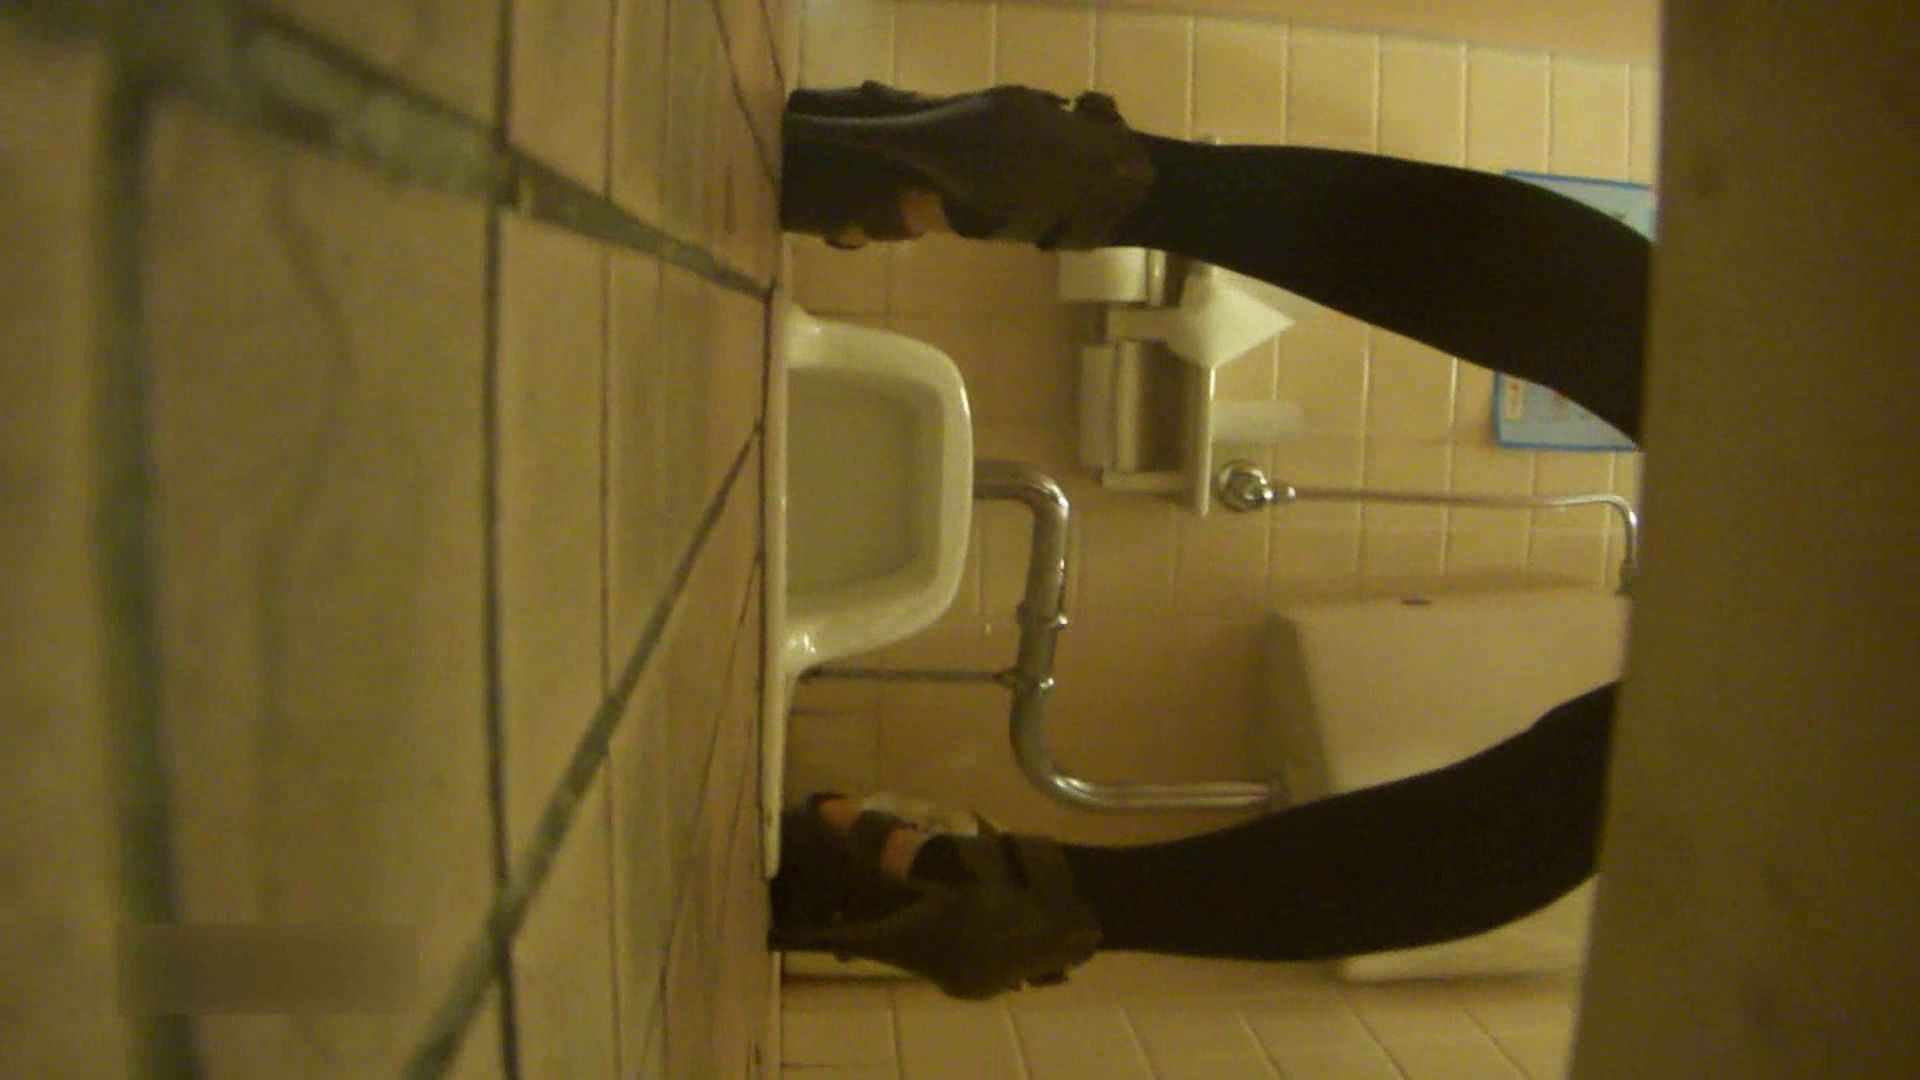 お姉さんの恥便所盗撮! Vol.6 リアル便所潜入 オマンコ無修正動画無料 105画像 27